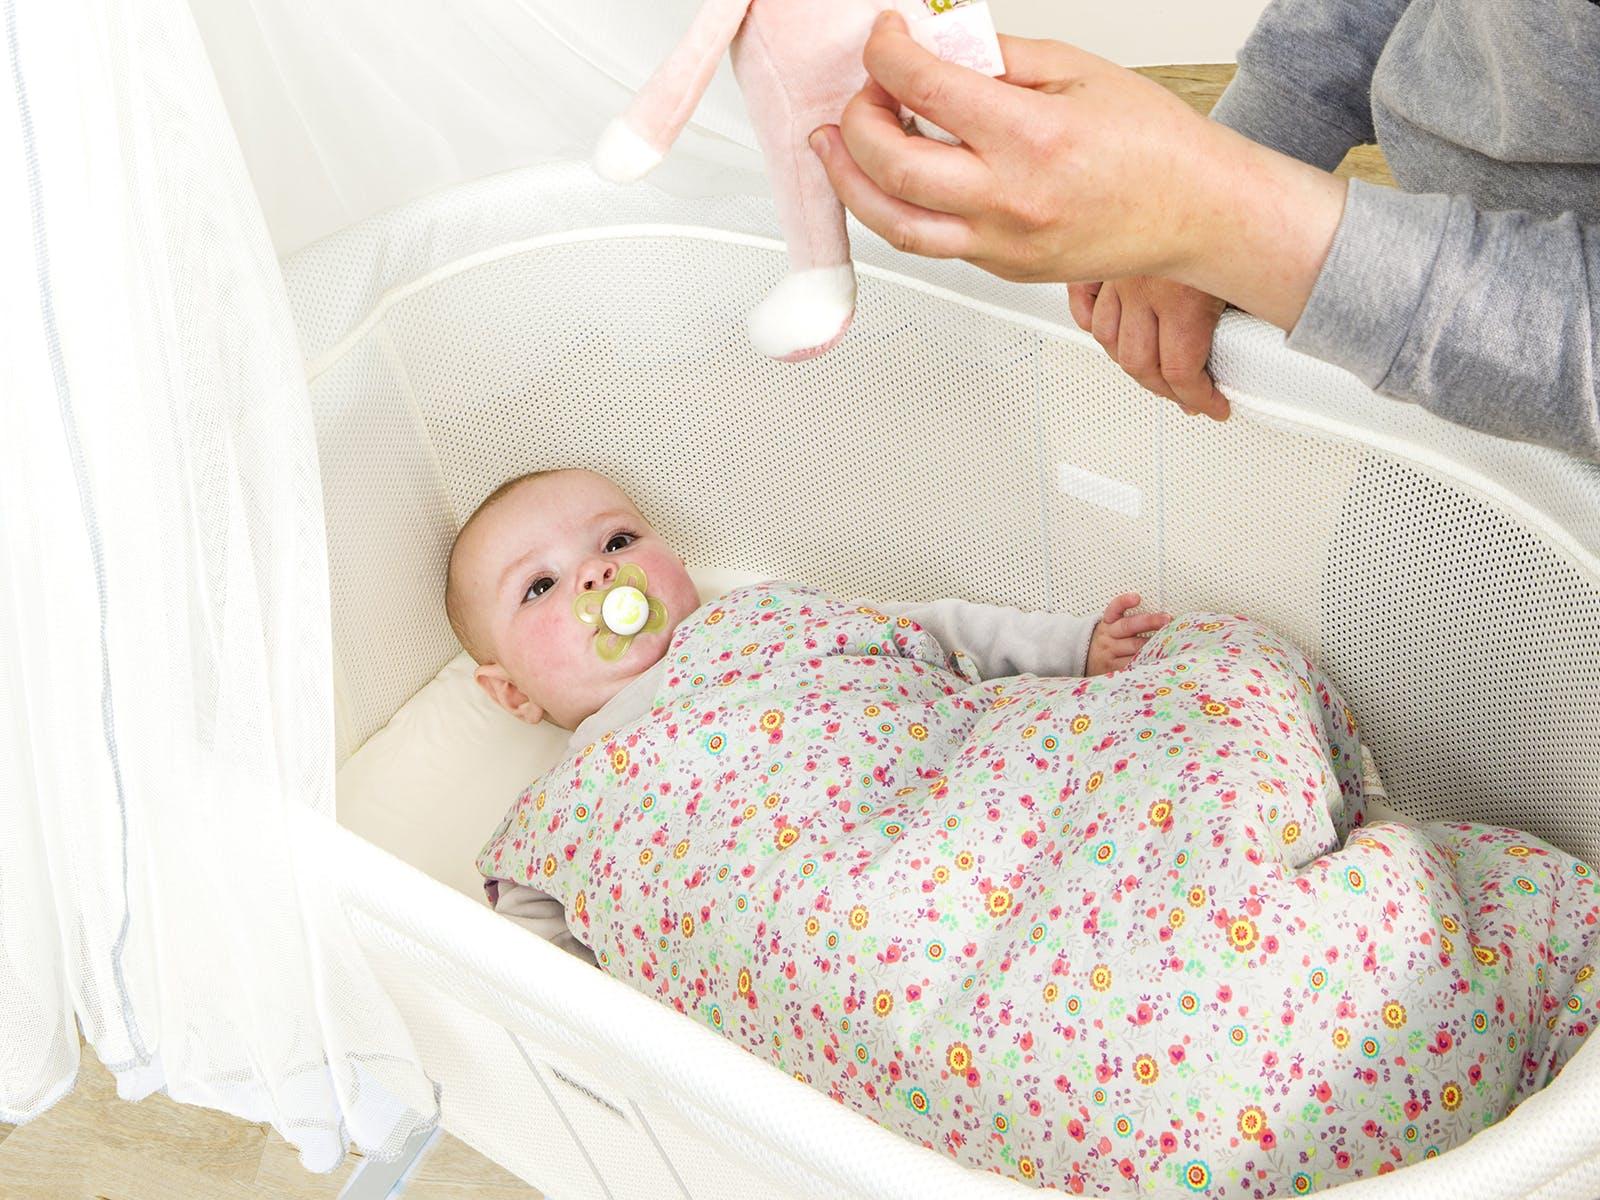 Tete De Lit Avec Coussin Comment Faire sommeil : faire dormir son bébé sur un plan incliné | parents.fr